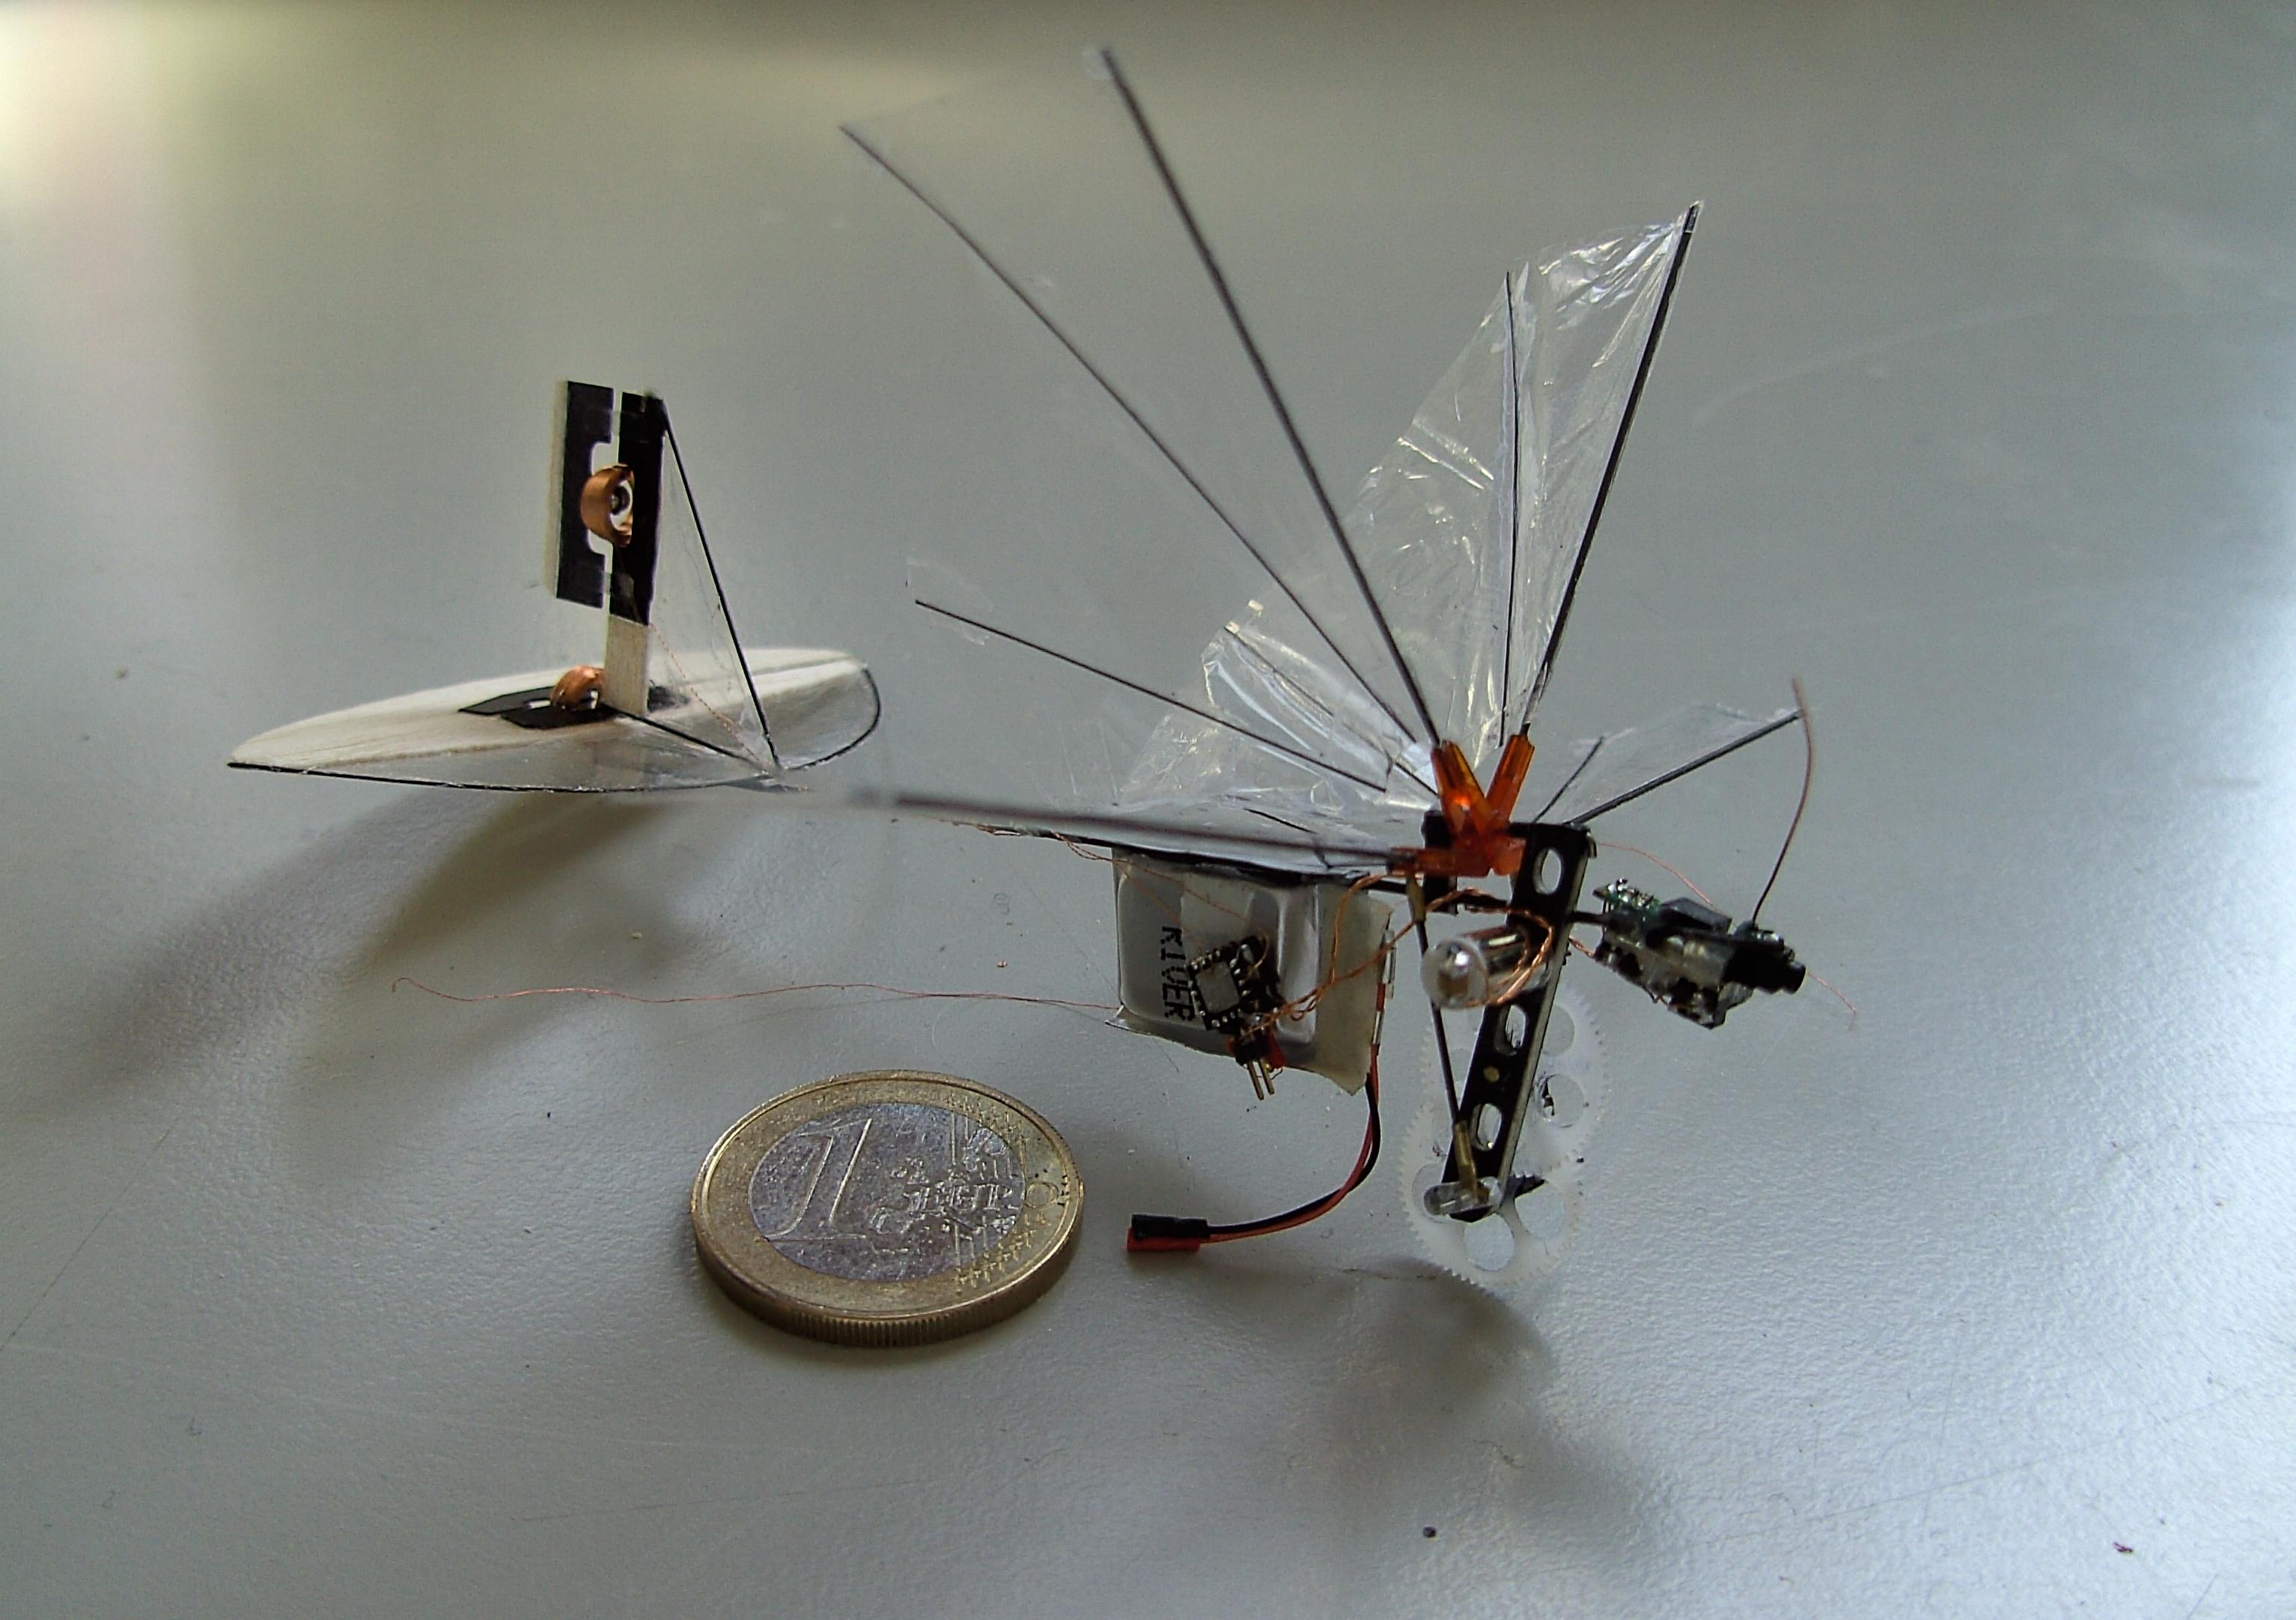 Ստեղծվել է թռչող սարք, որն ինքնակառավարվող է